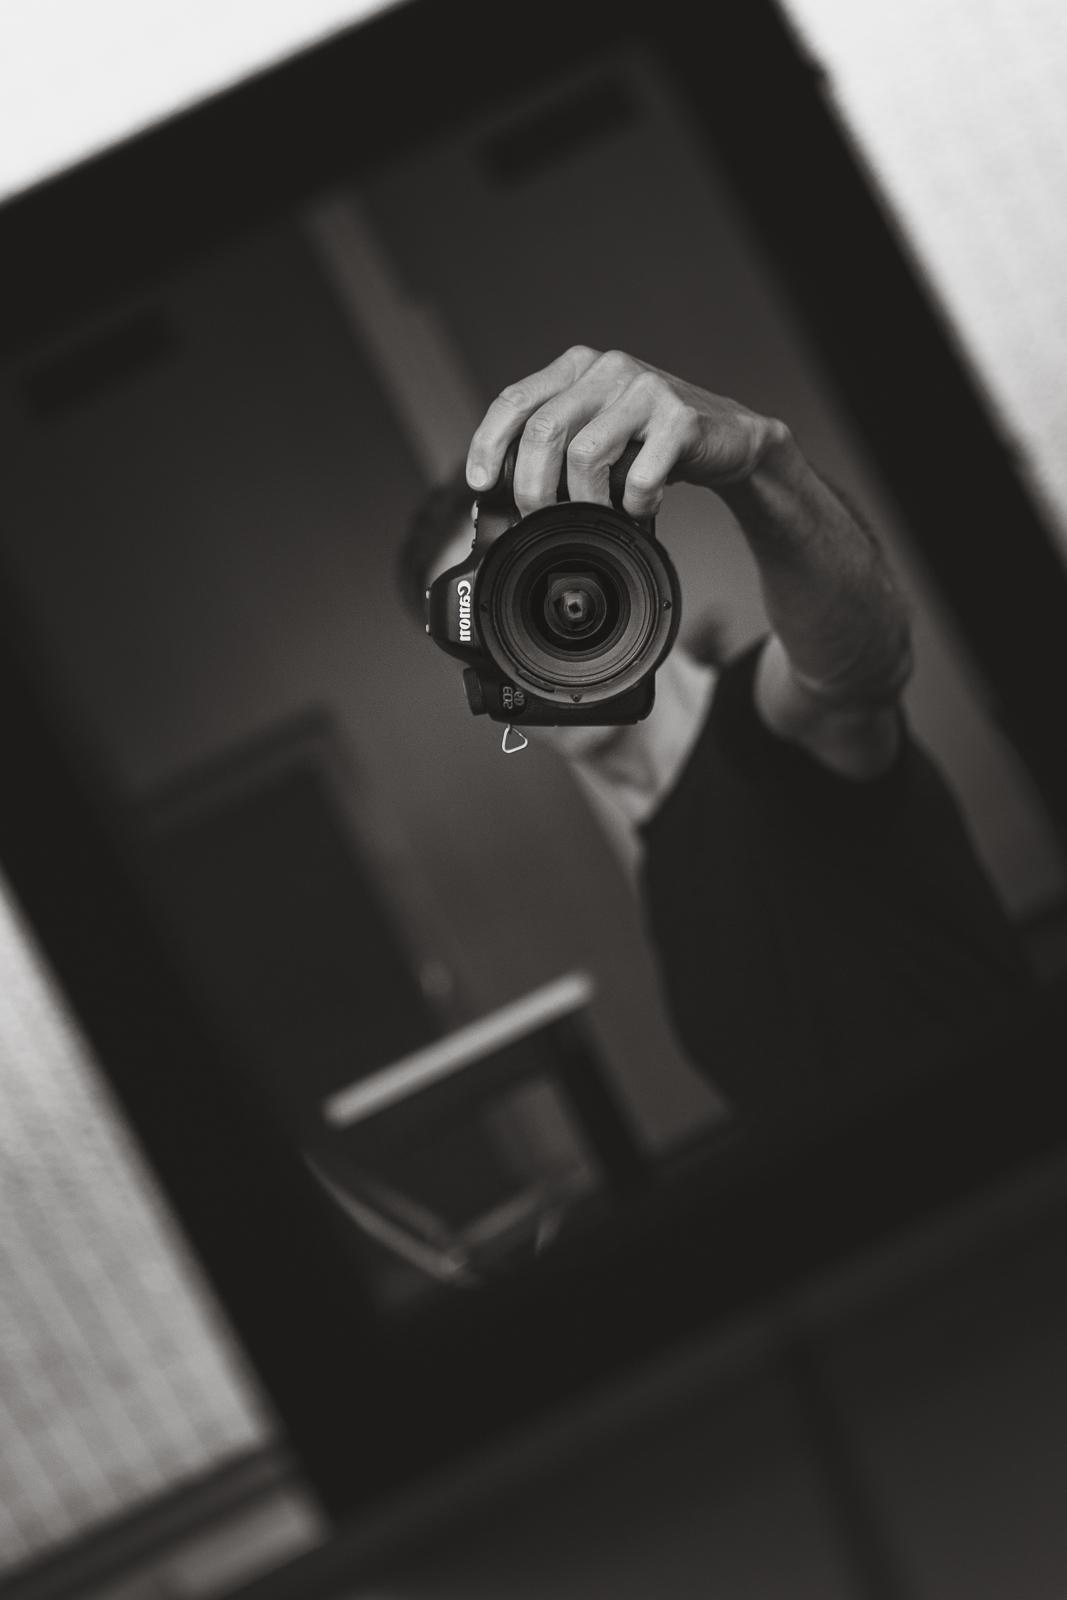 _MG_8842.jpg